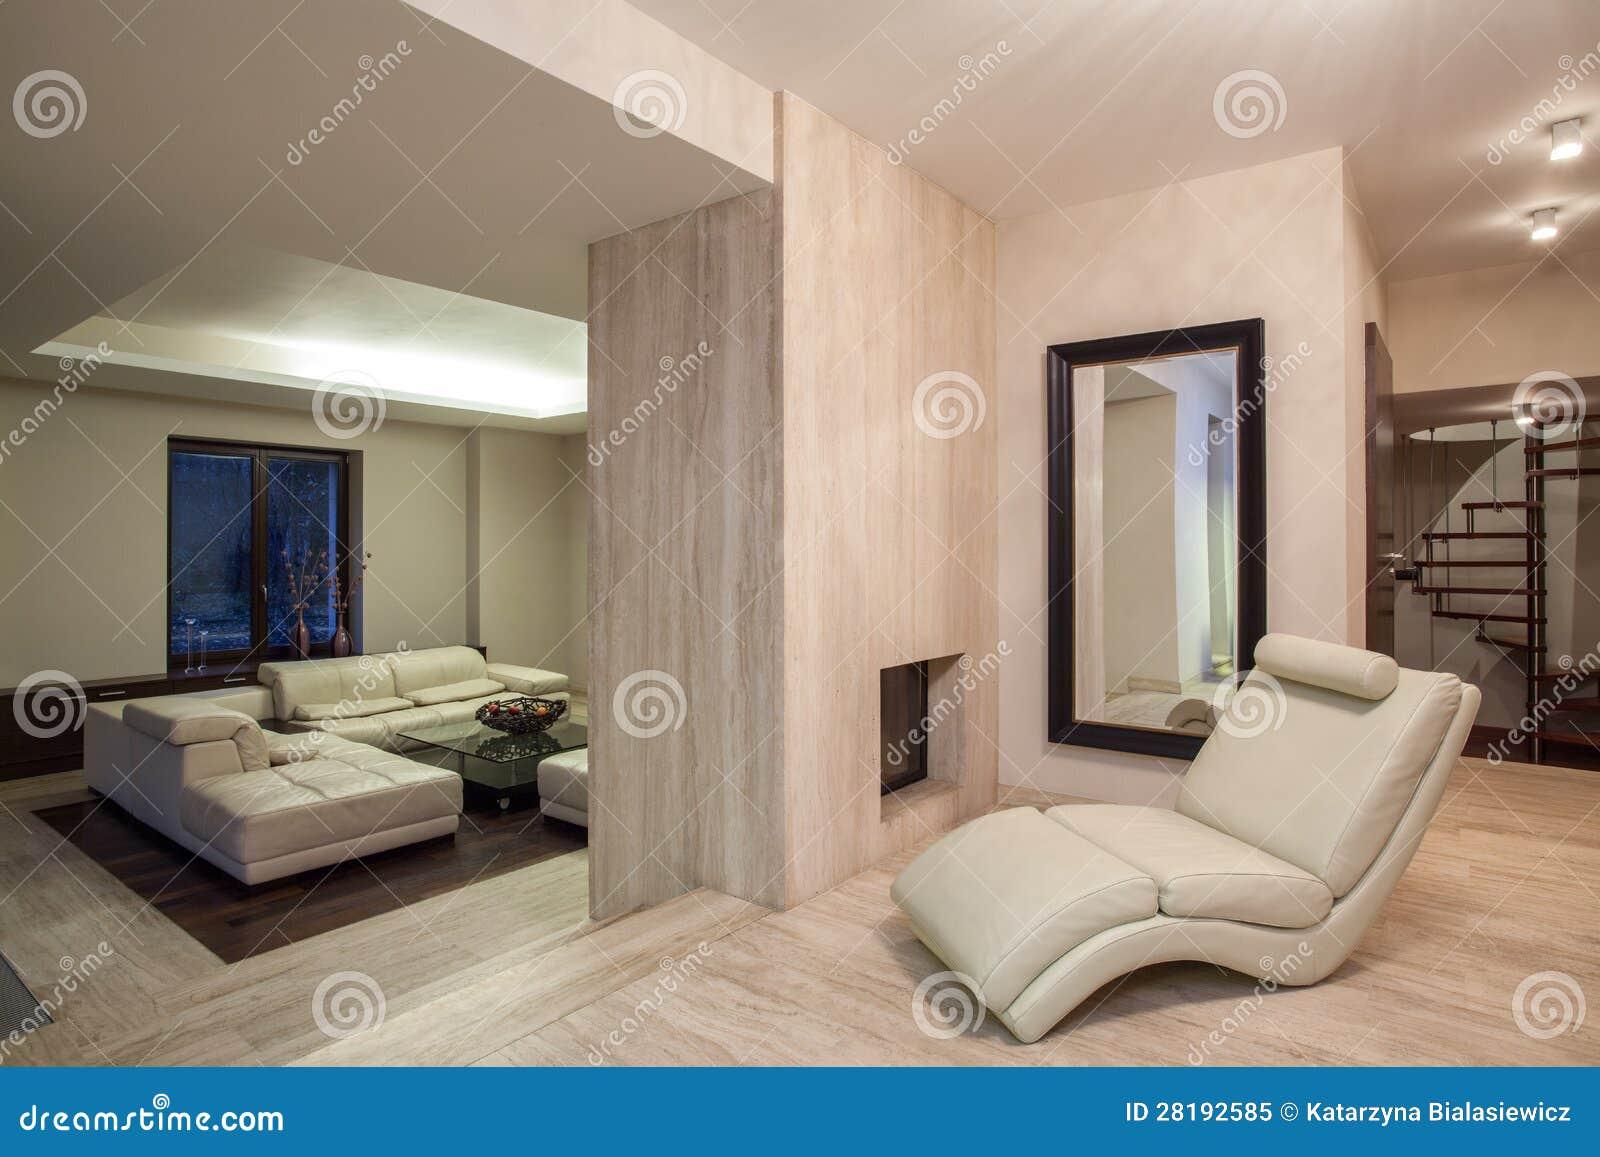 maison de travertin salon avec une chemin e photo libre de droits image 28192585. Black Bedroom Furniture Sets. Home Design Ideas